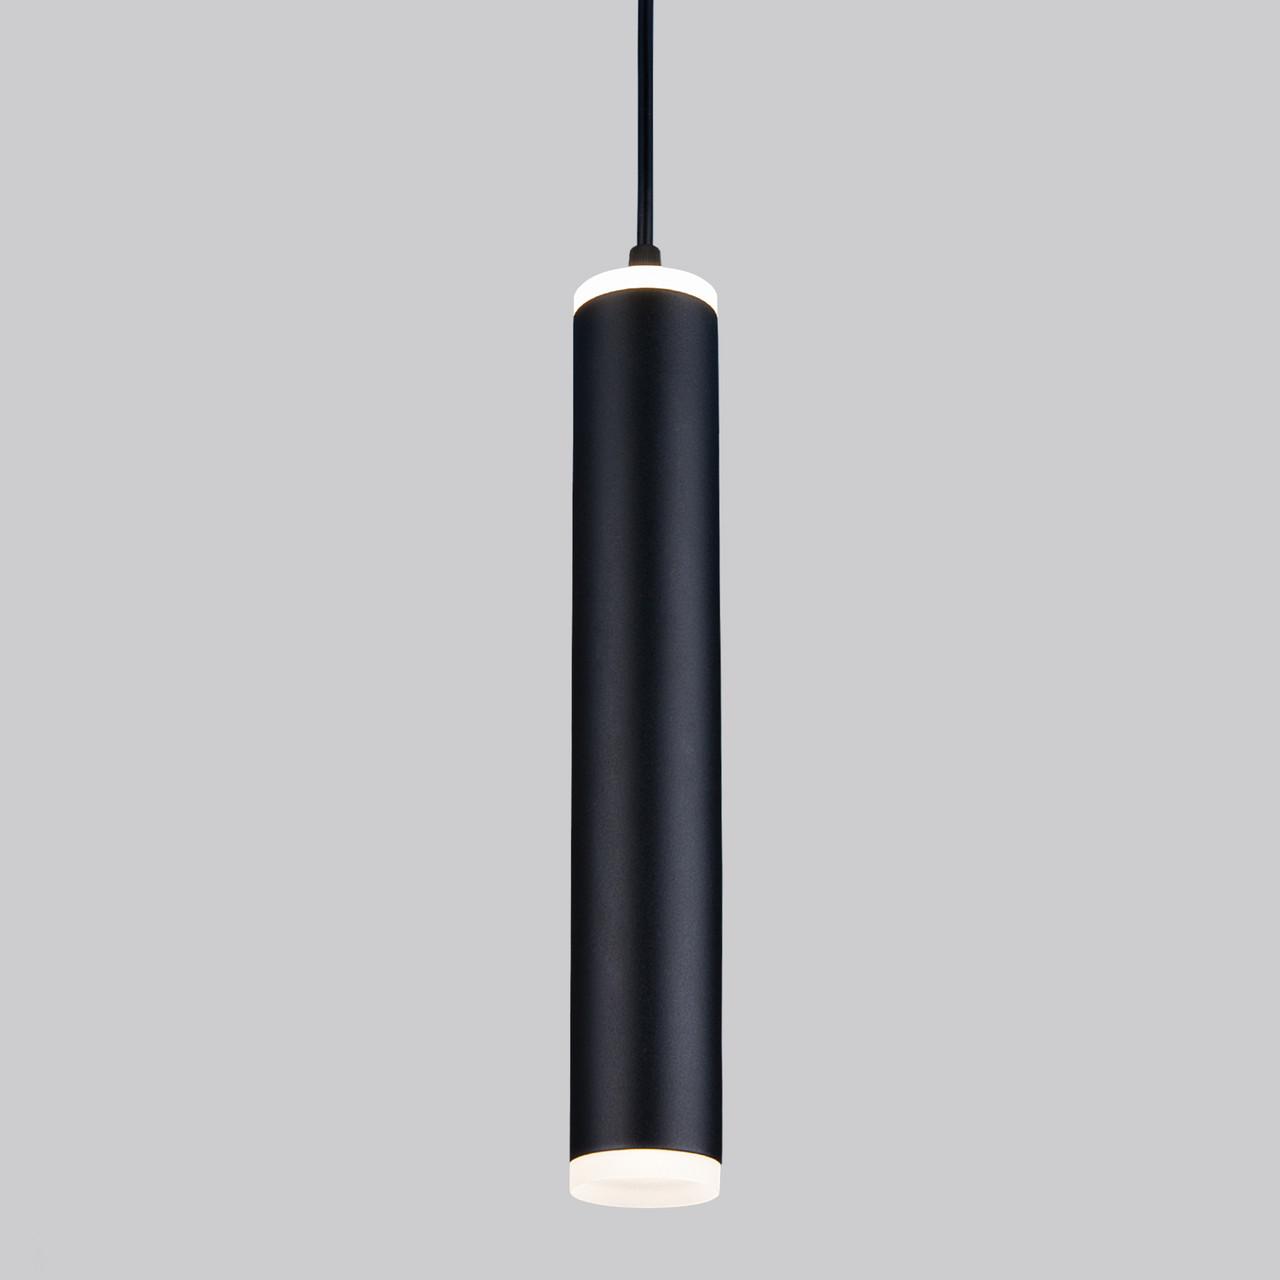 DLR035 12W 4200K /Светильник светодиодный стационарный черный матовый